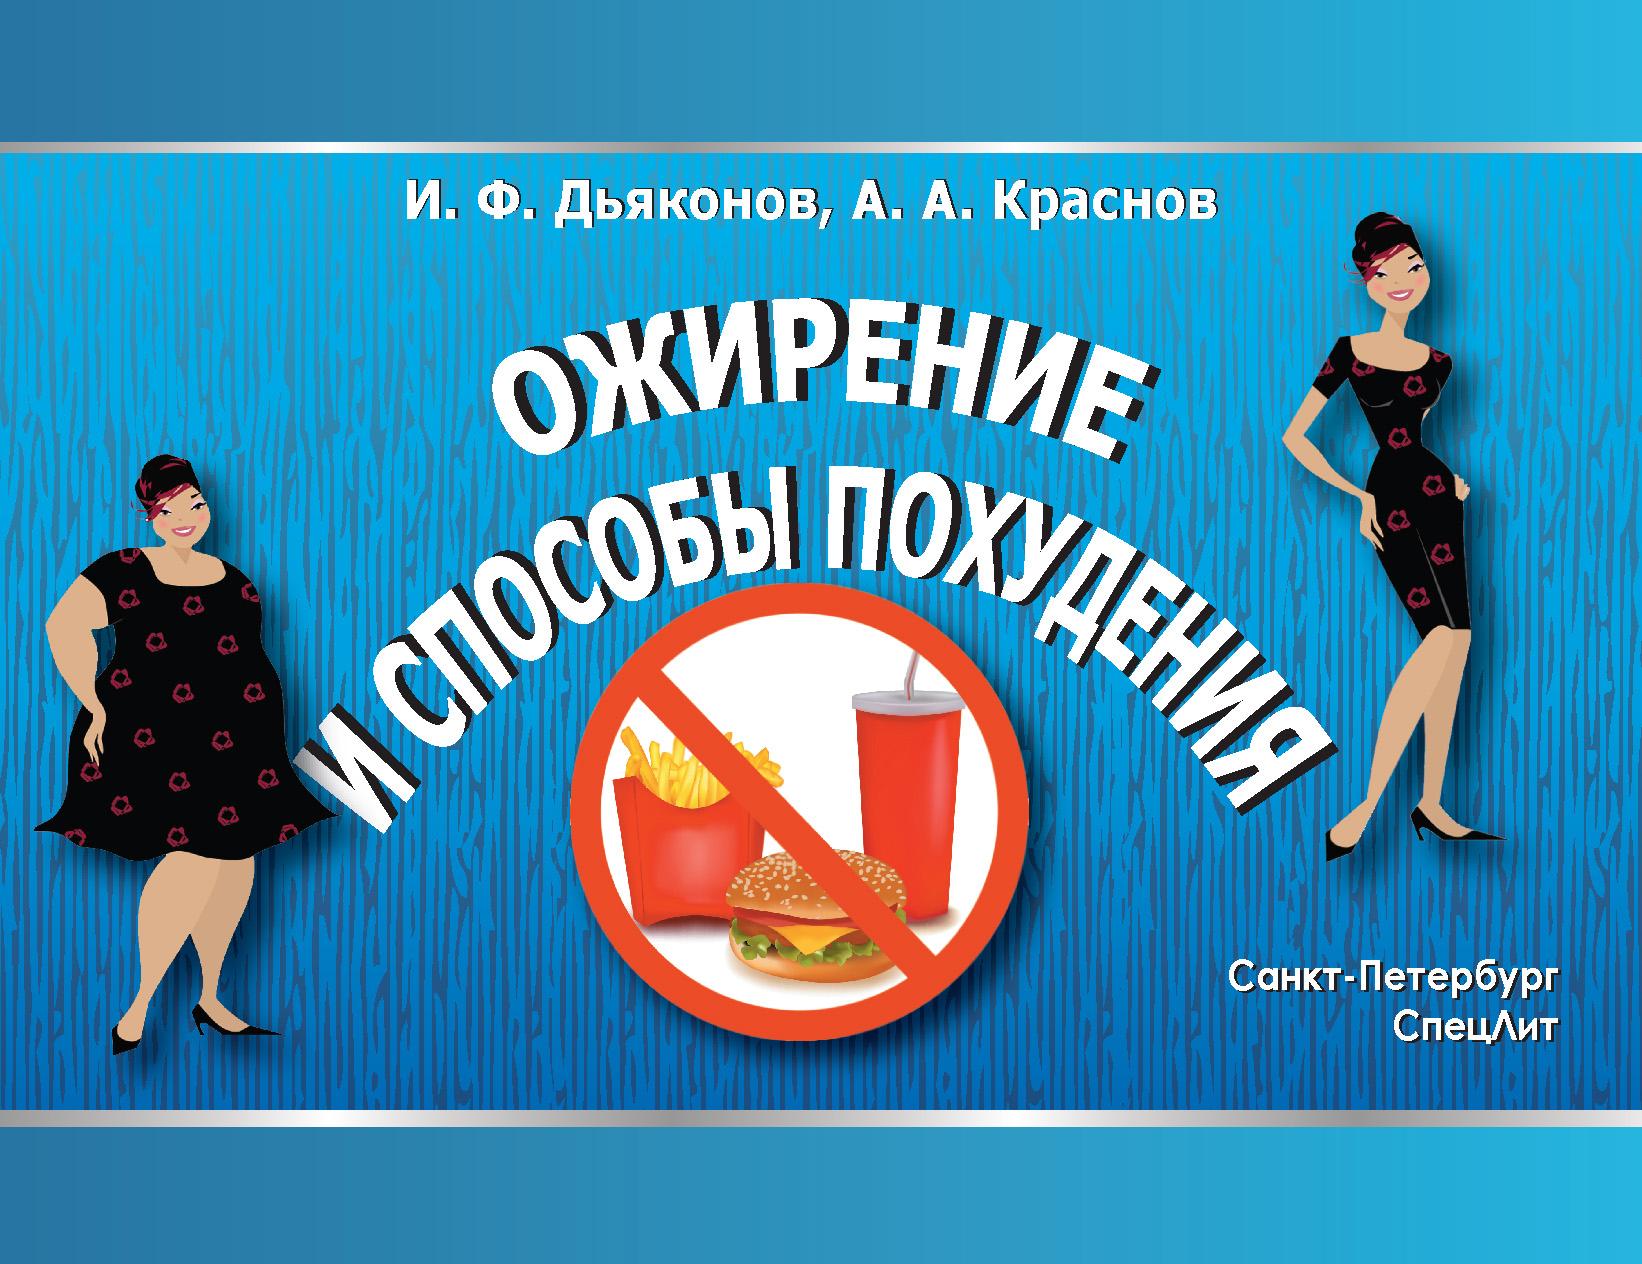 Игорь Дьяконов Ожирение и способы похудения